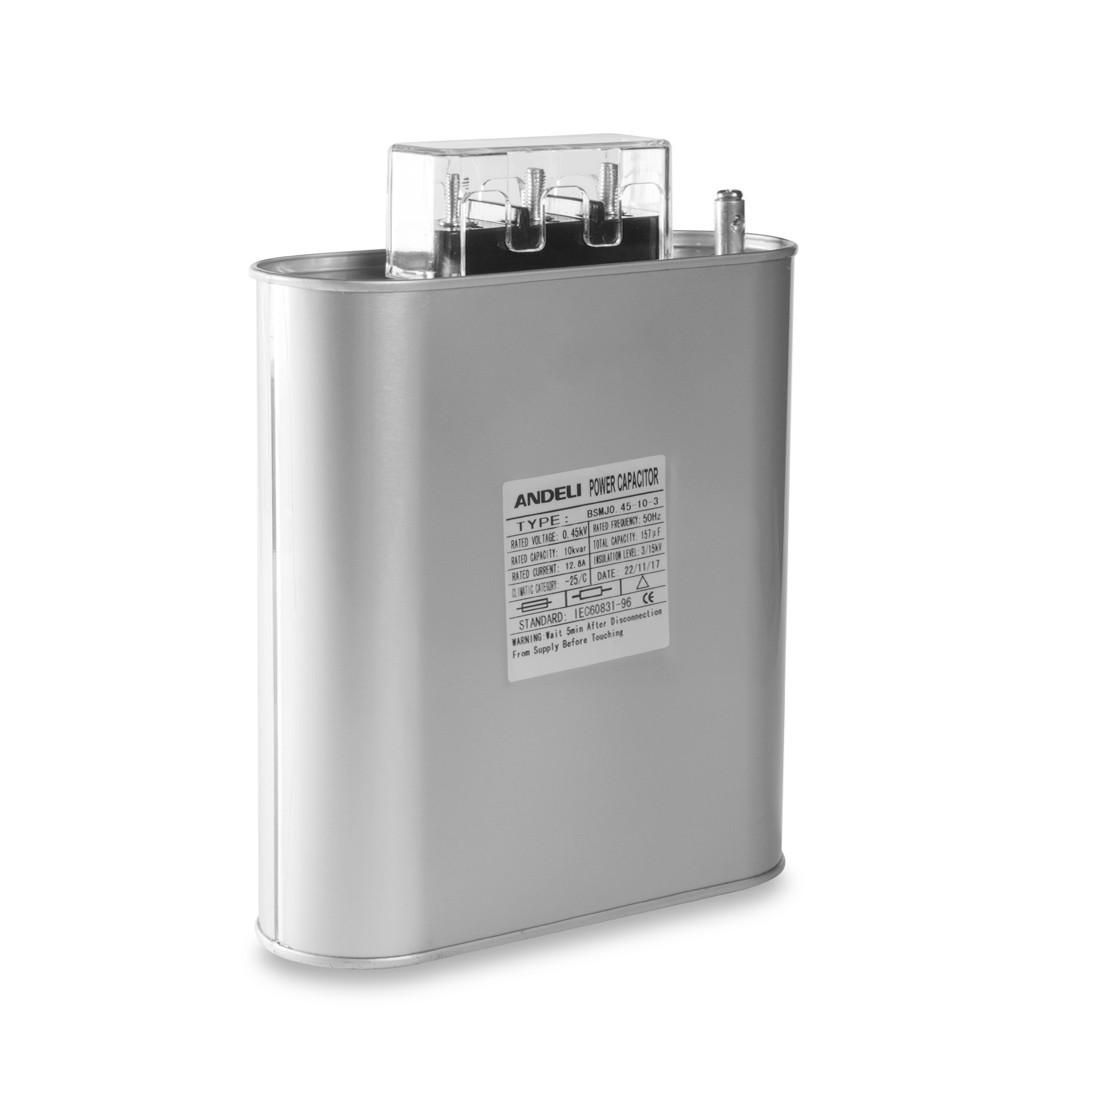 Конденсатор компенсации реактивной мощности Andeli BSMJ0.45-10-3, Ёмкость: 157 мкФ, Мощность: 10 кВАр, Напряже